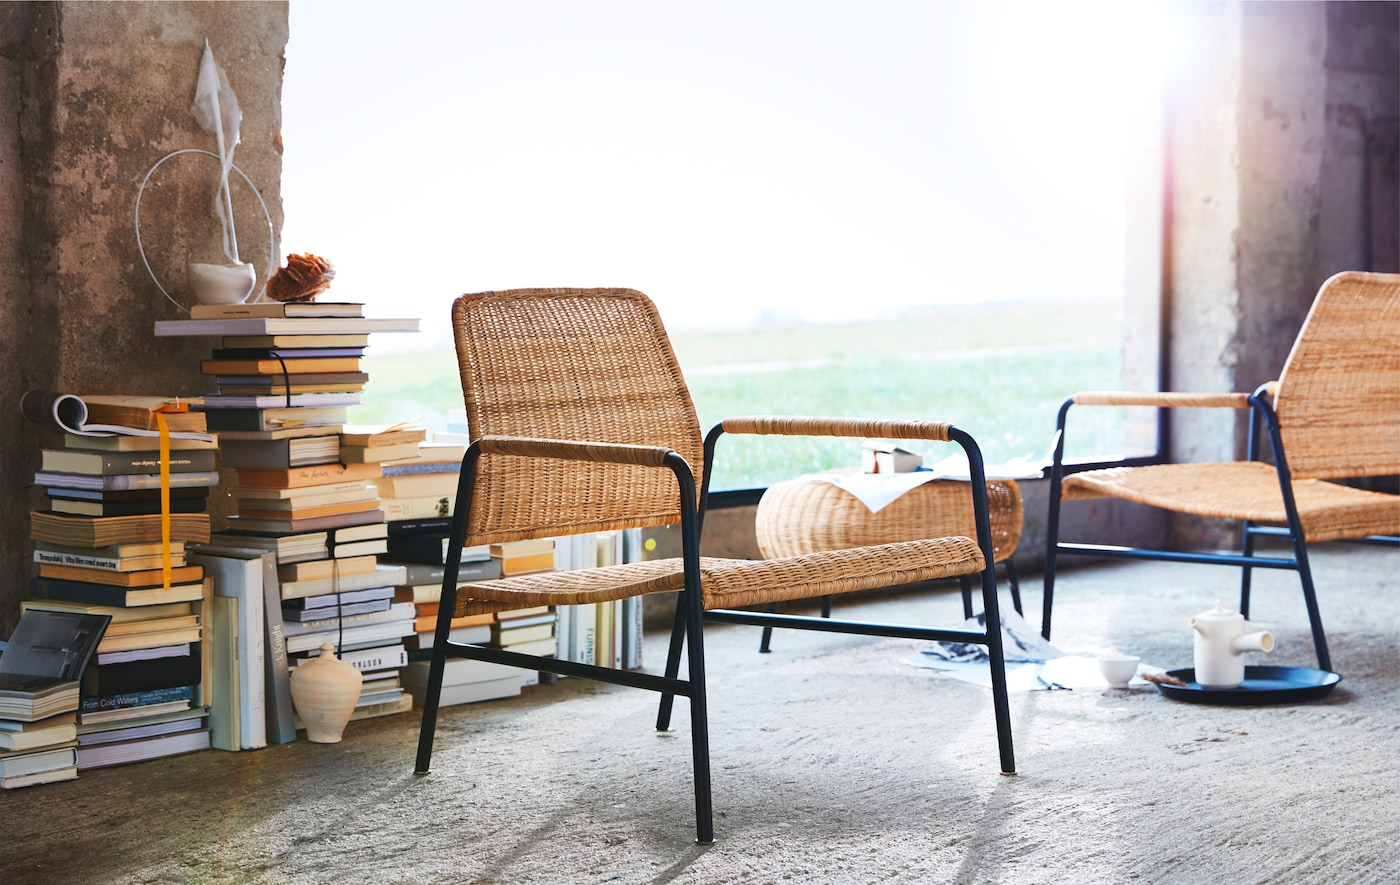 Rattan és fém székek és lábtartók egy nagy ablak előtt.